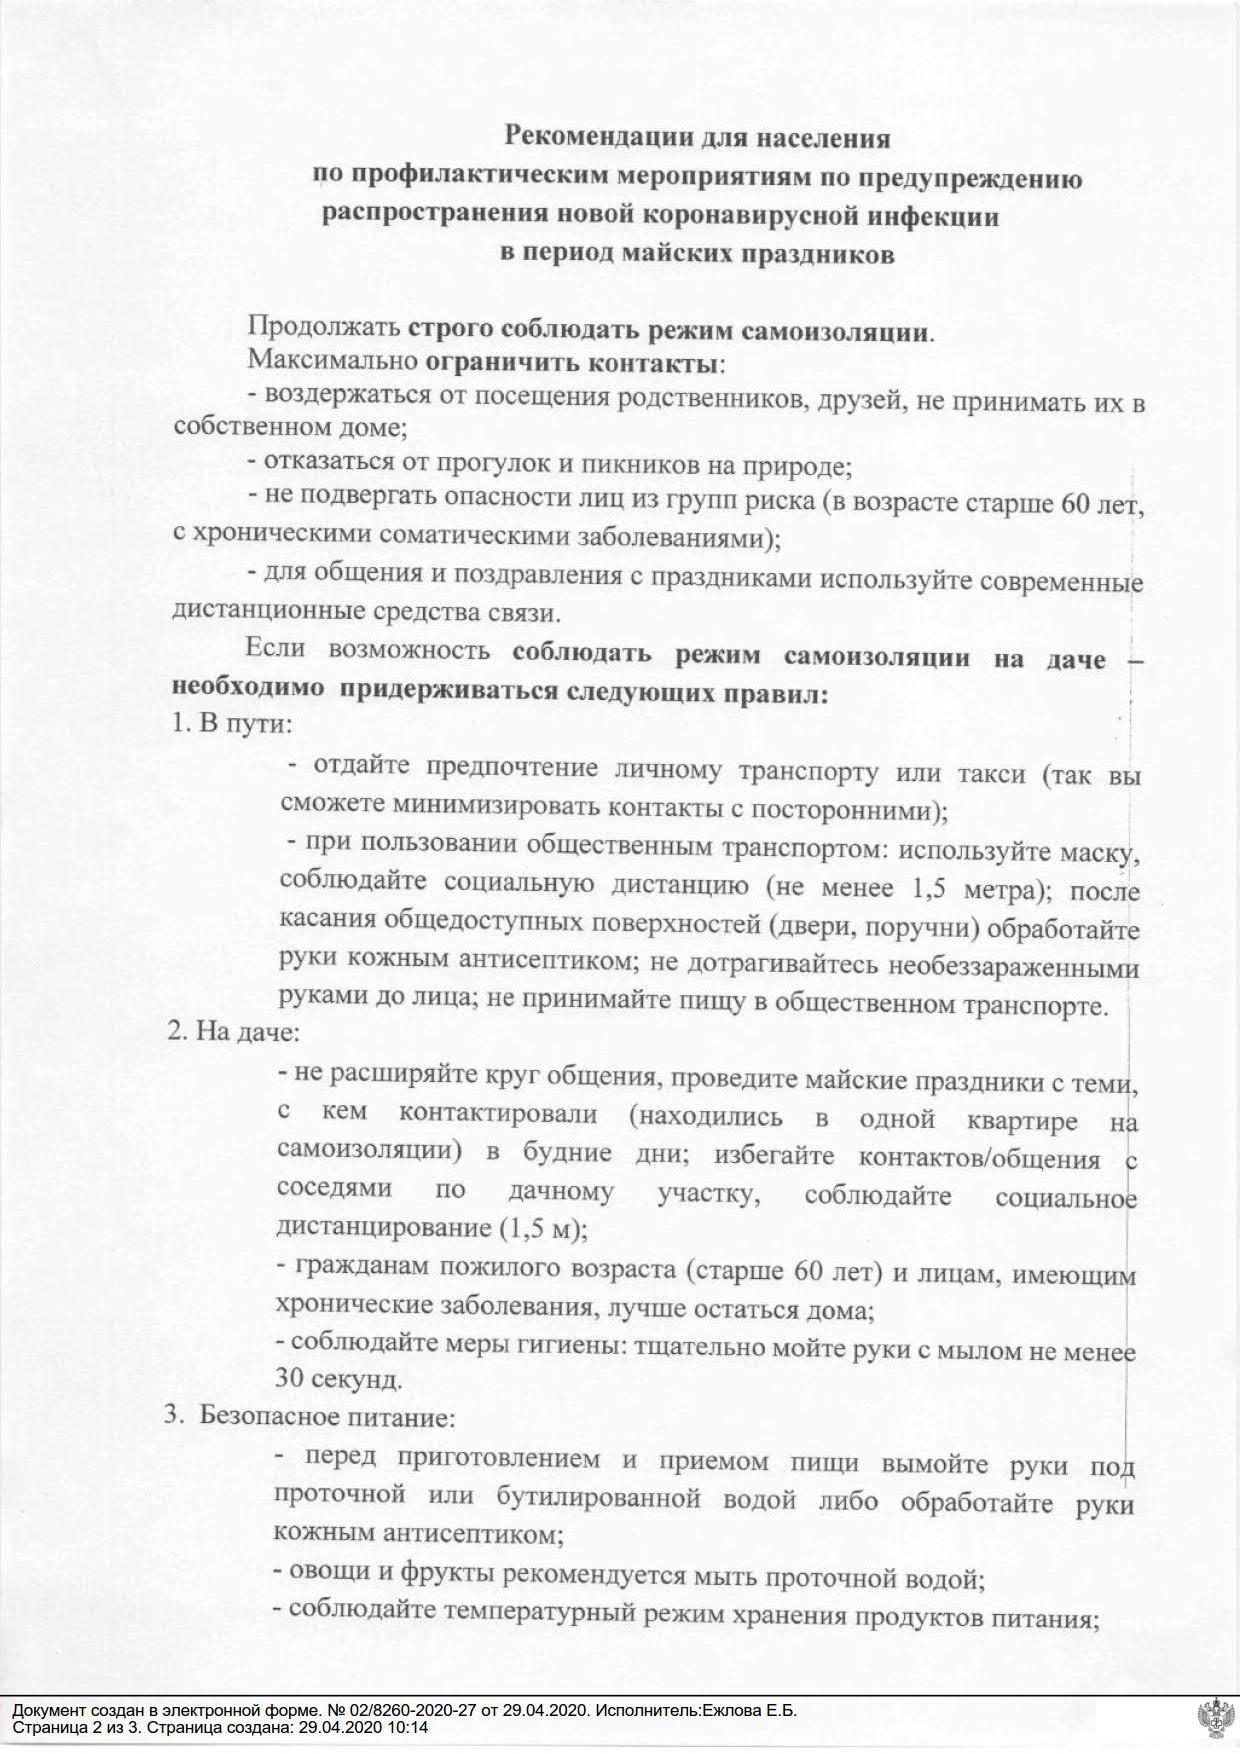 29.04.2020_47-4452-2020_Попова_А.Ю._Аппарат_Правительства_Республики_Башкортостан_1